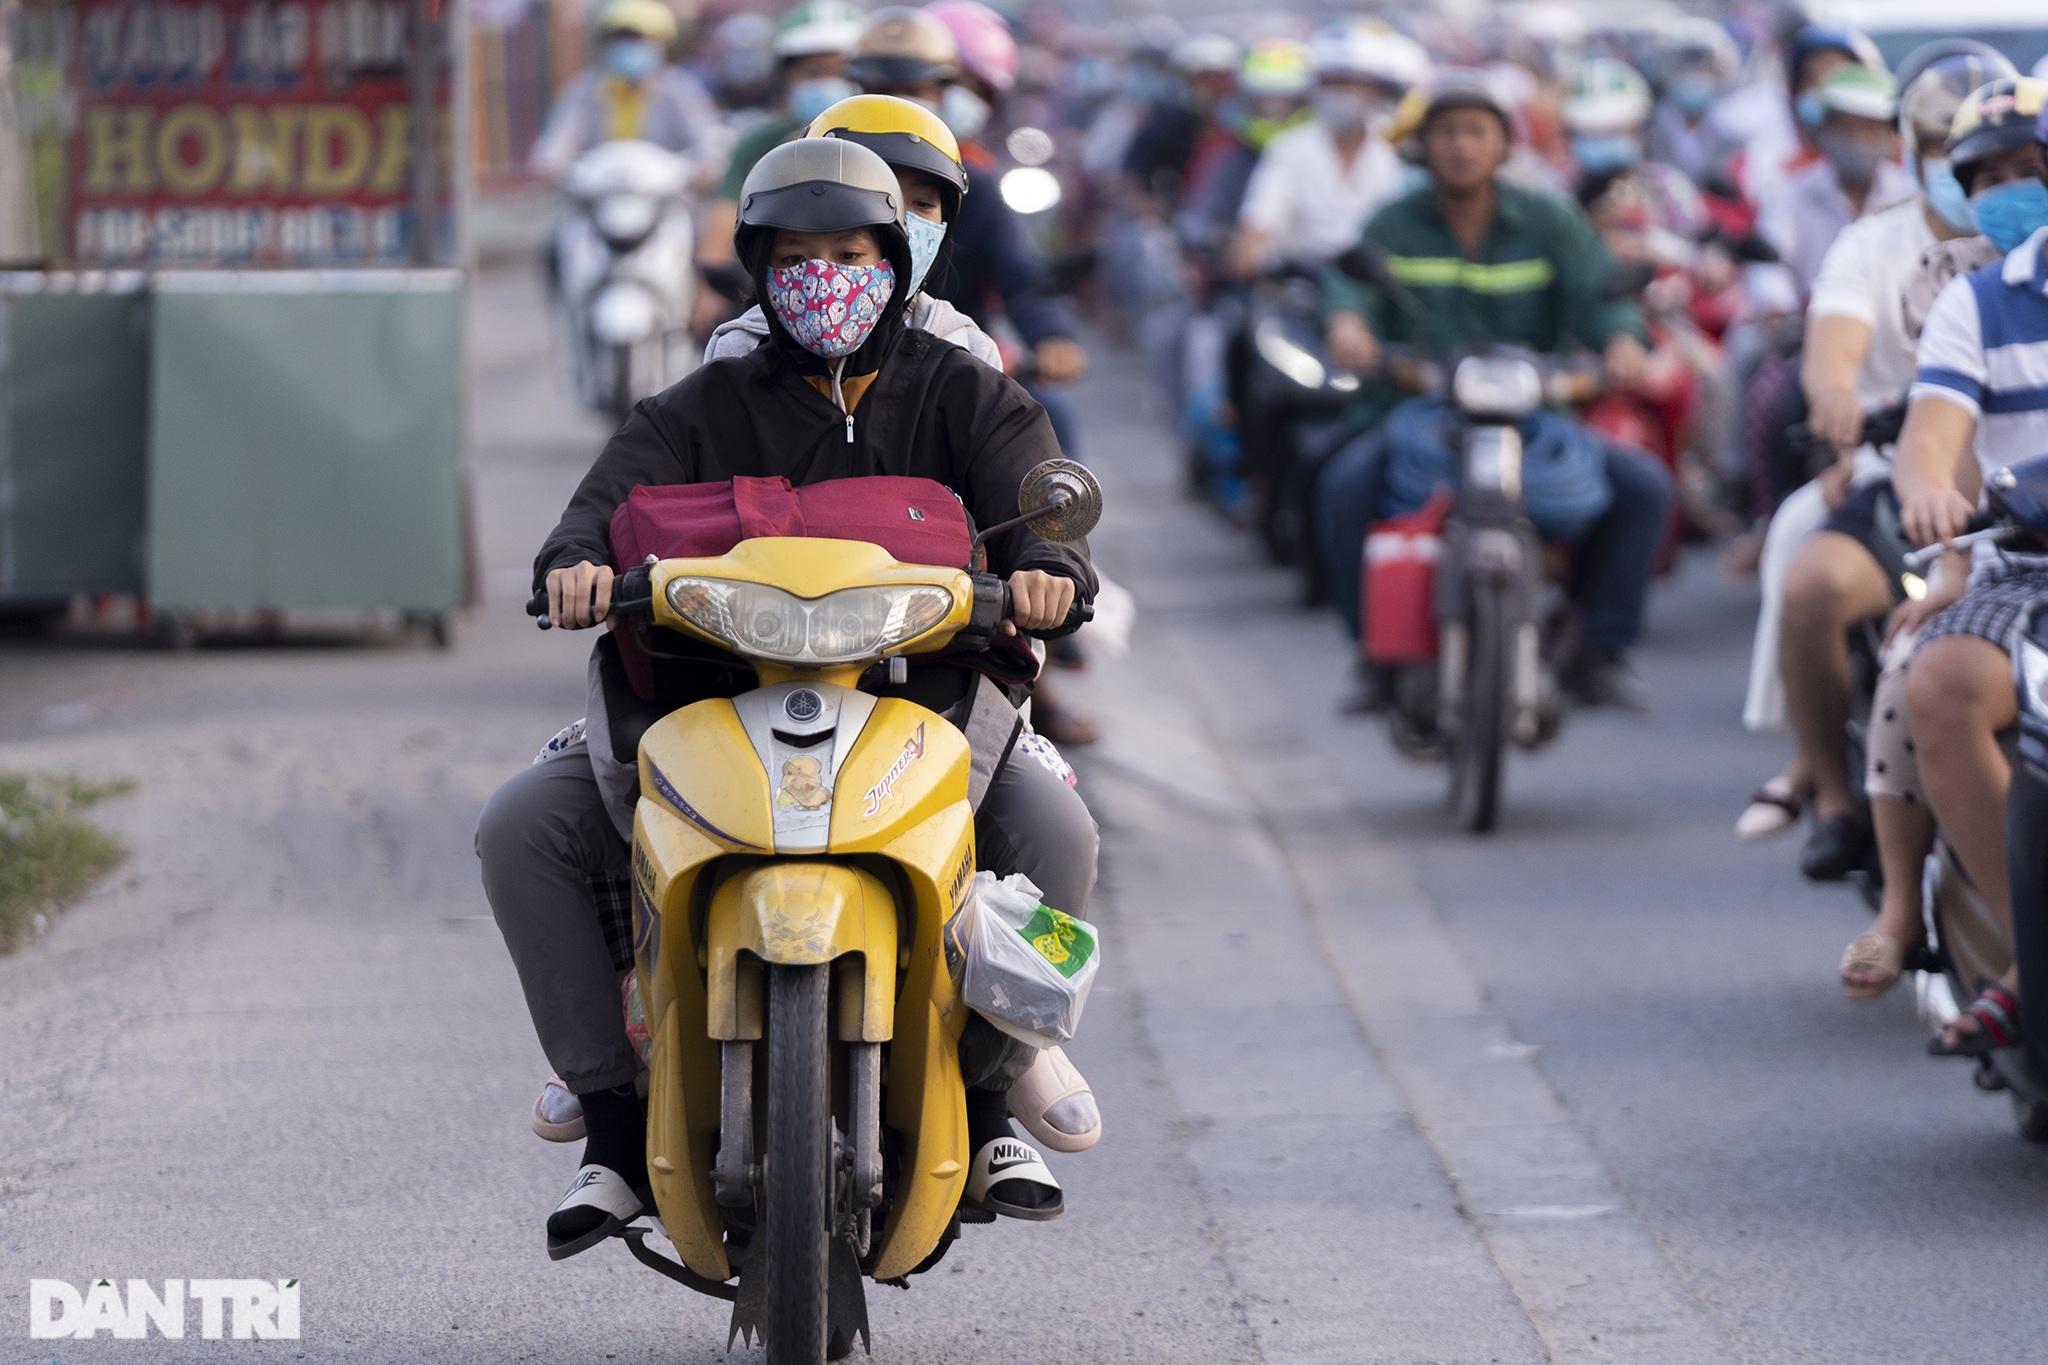 Người dân trở lại Sài Gòn sớm, giao thông cửa ngõ ùn tắc, hỗn loạn - 19